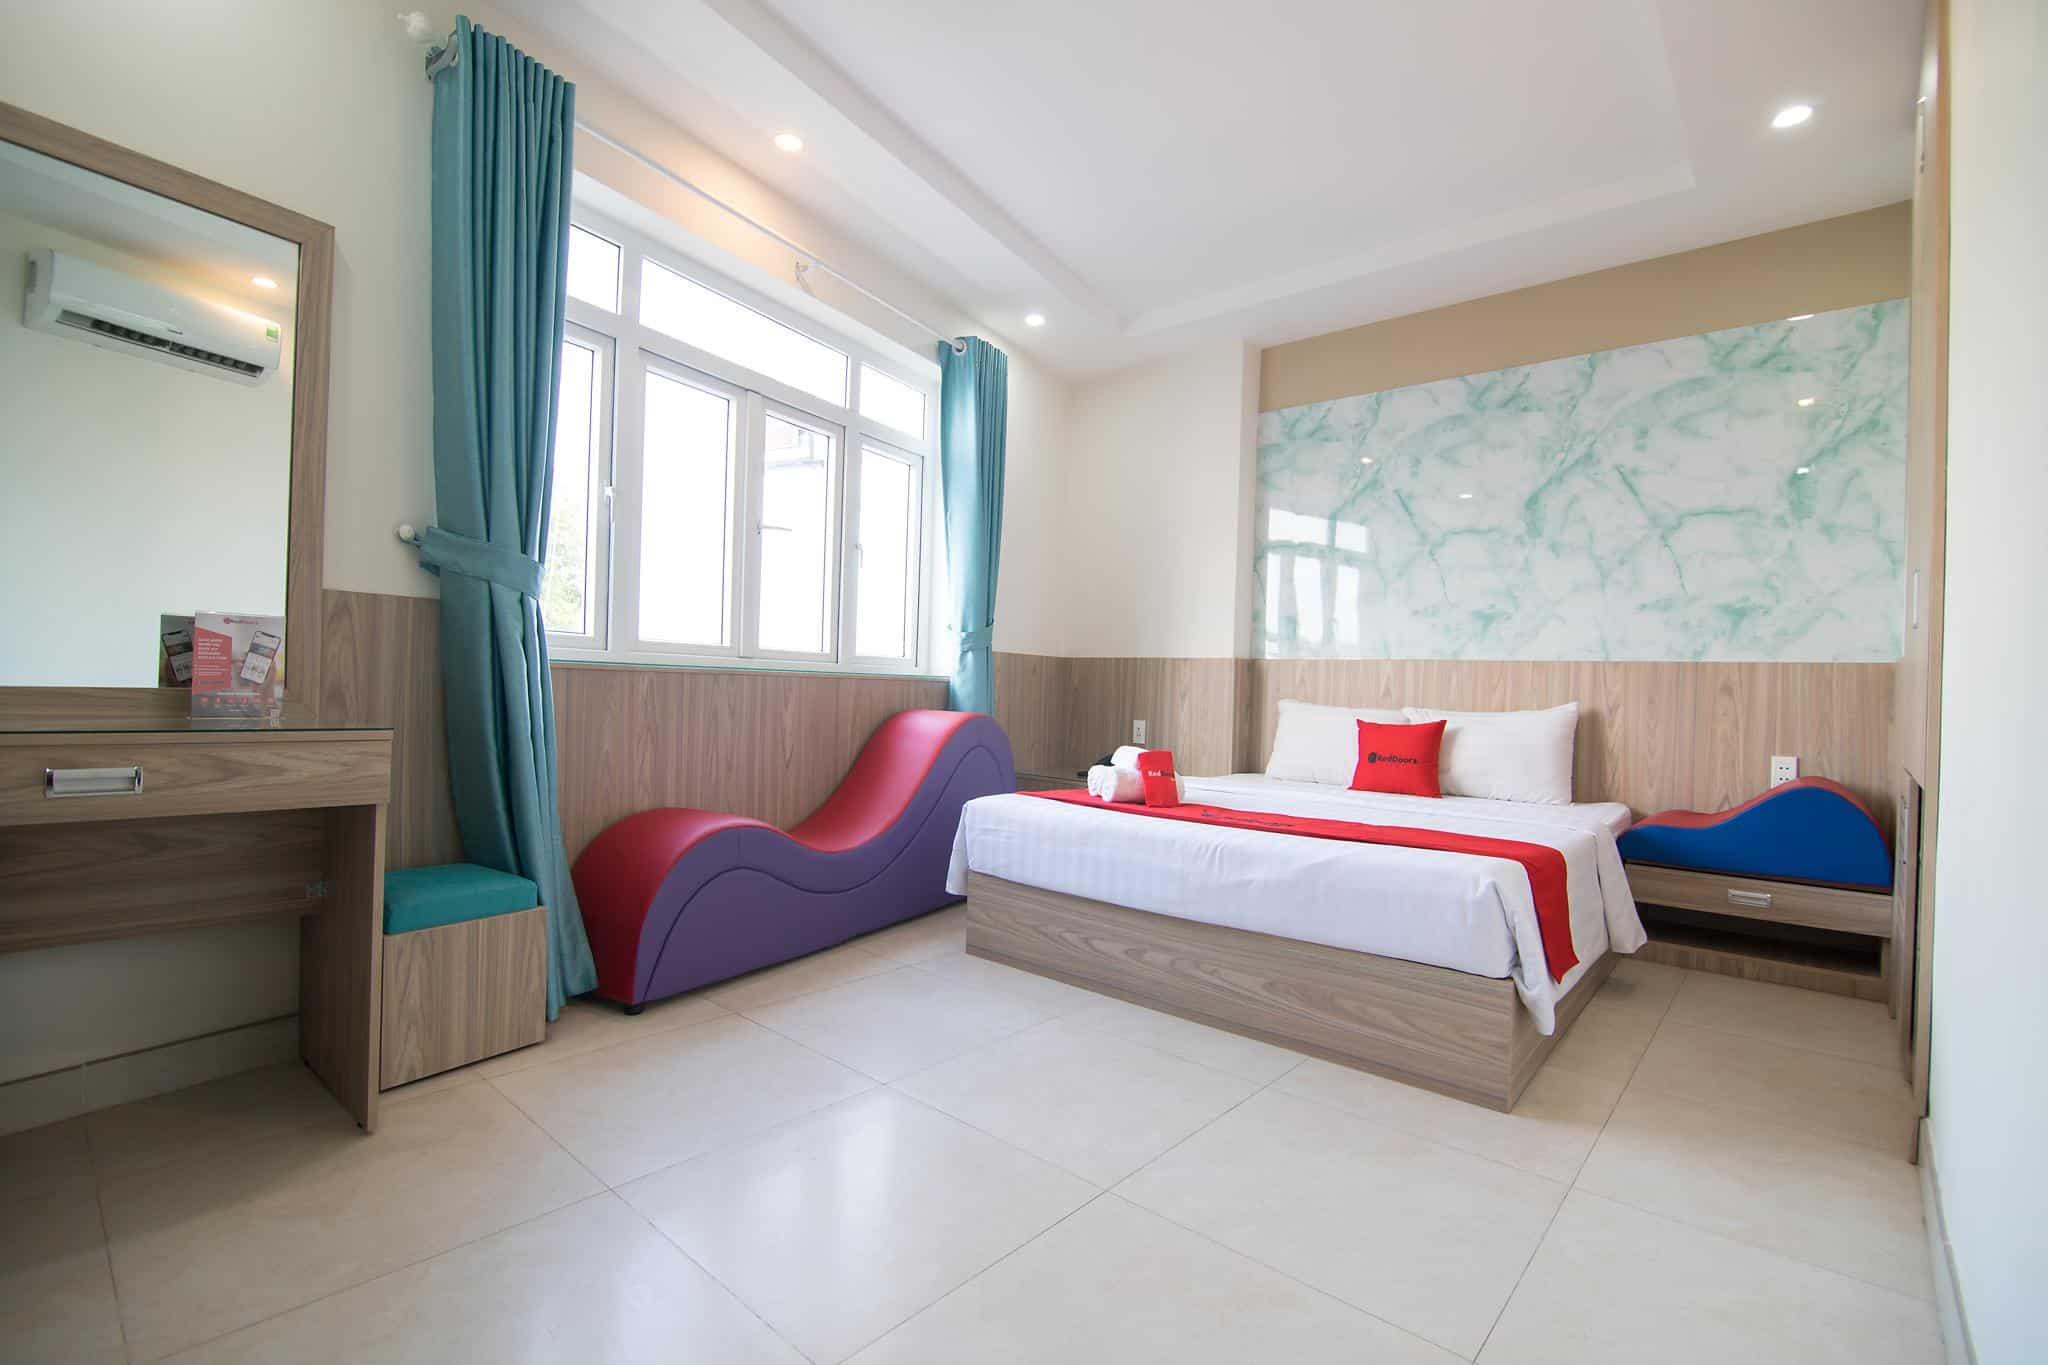 Top khách sạn có ghế tình yêu quận Bình Thạnh